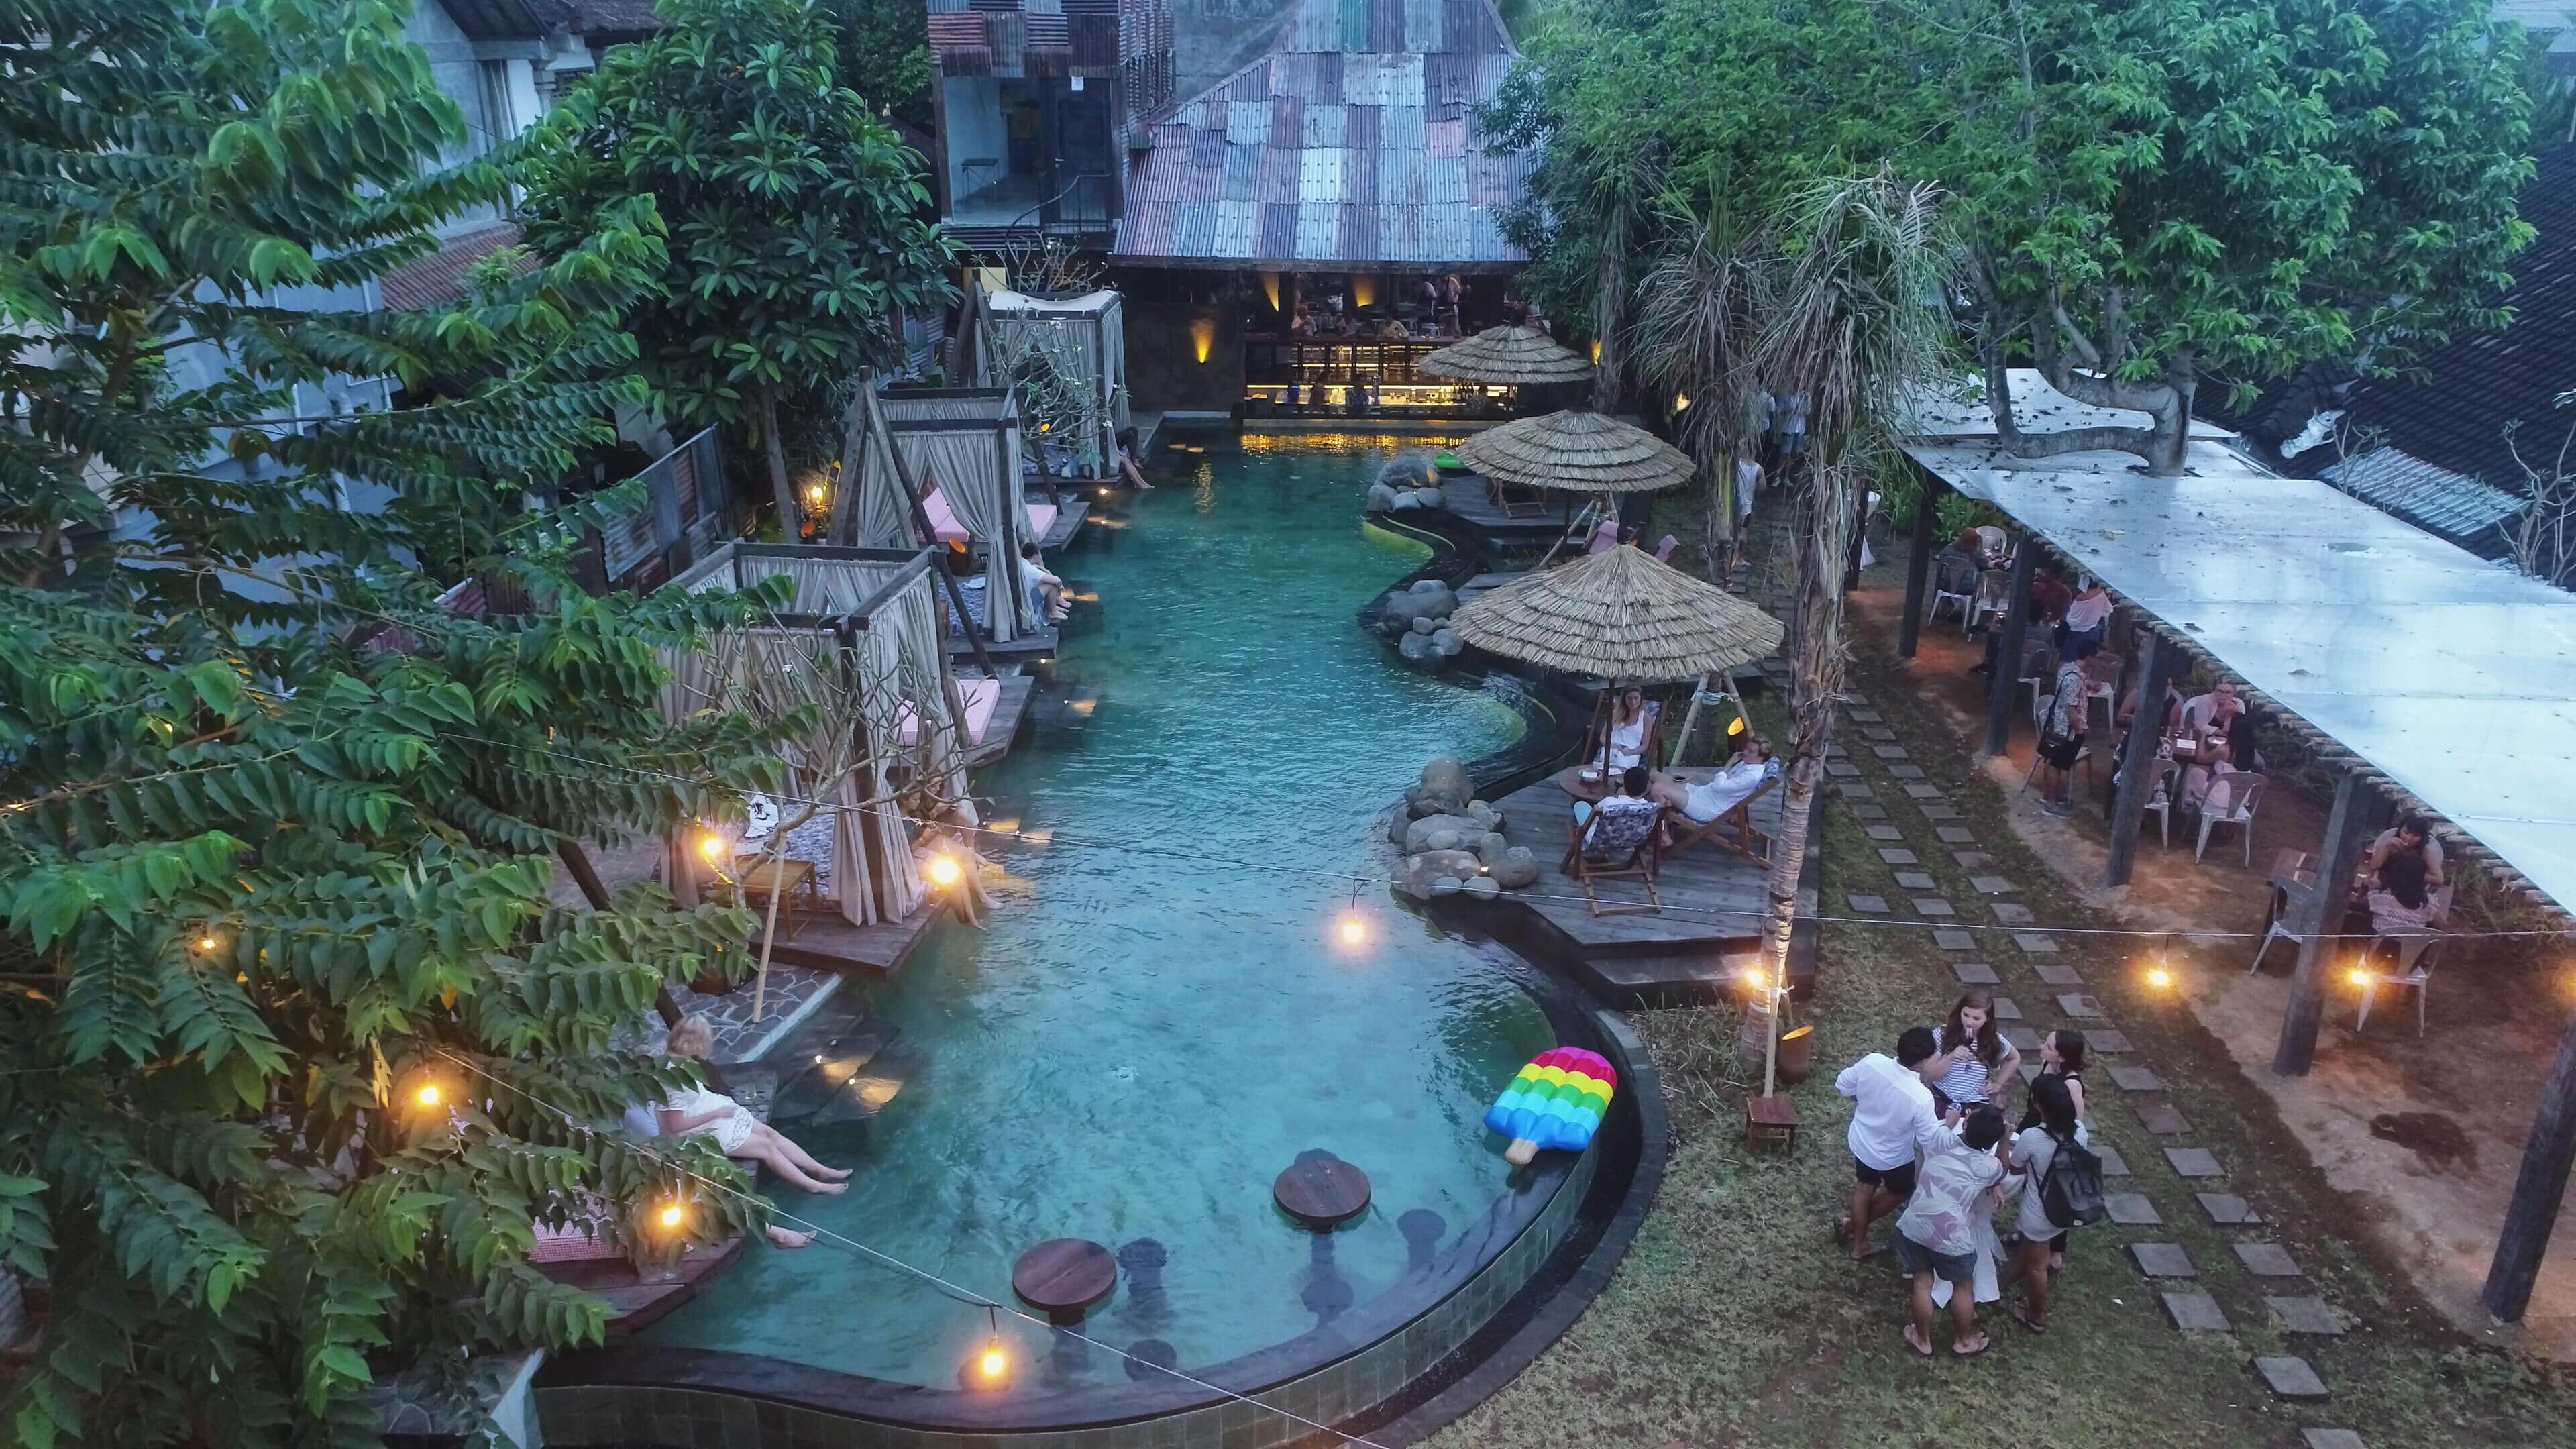 Folk Pool & Gardens